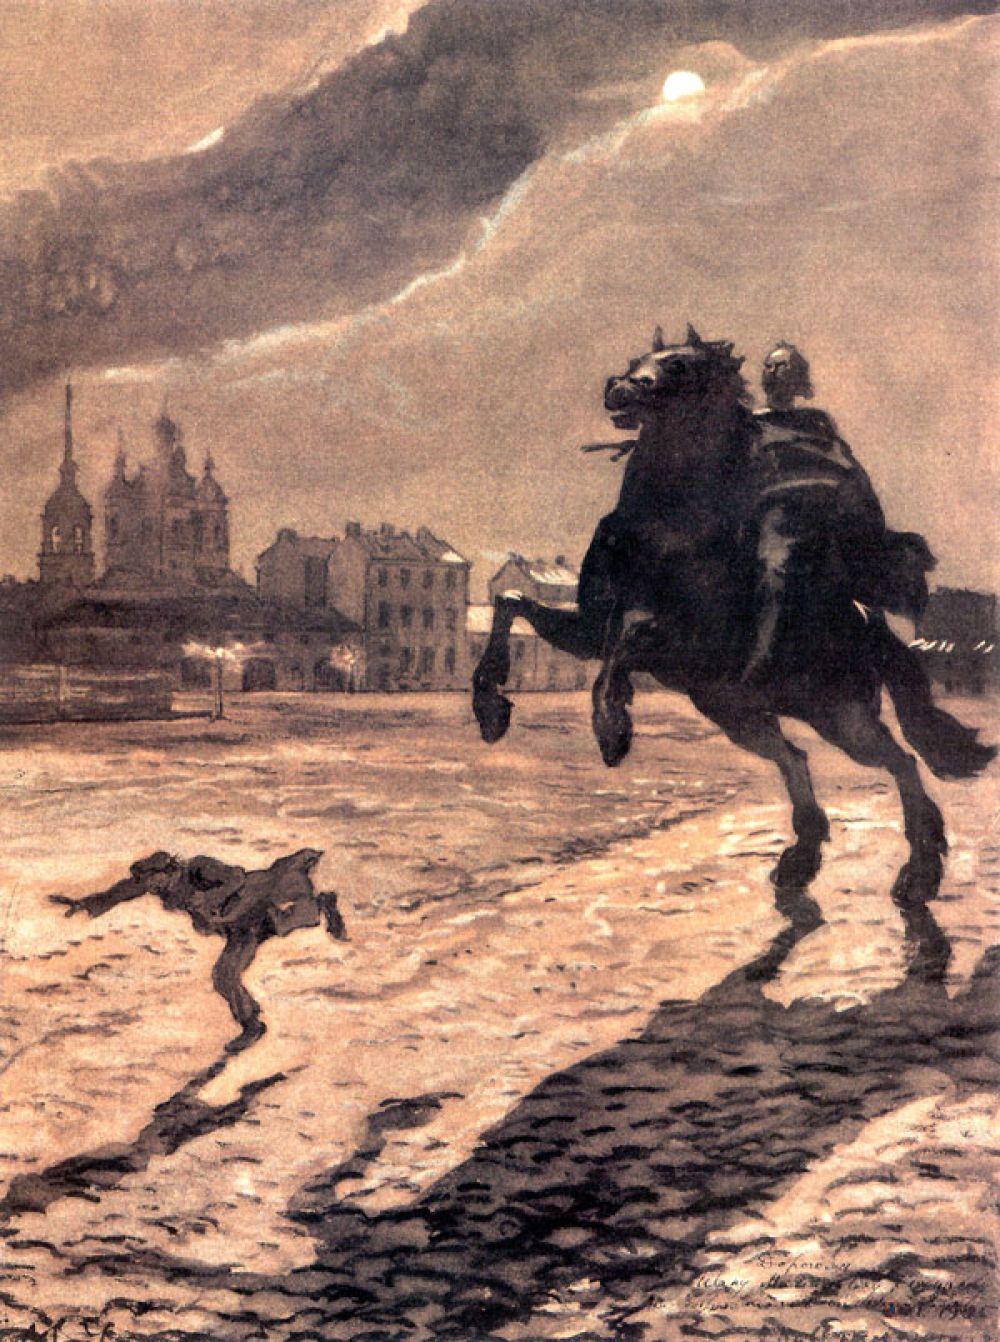 В революционные годы Бенуа, будучи известным художником, создал ряд иллюстраций к поэме А. С. Пушкина «Медный всадник», а в 1918-м возглавил картинную галерею Эрмитажа.